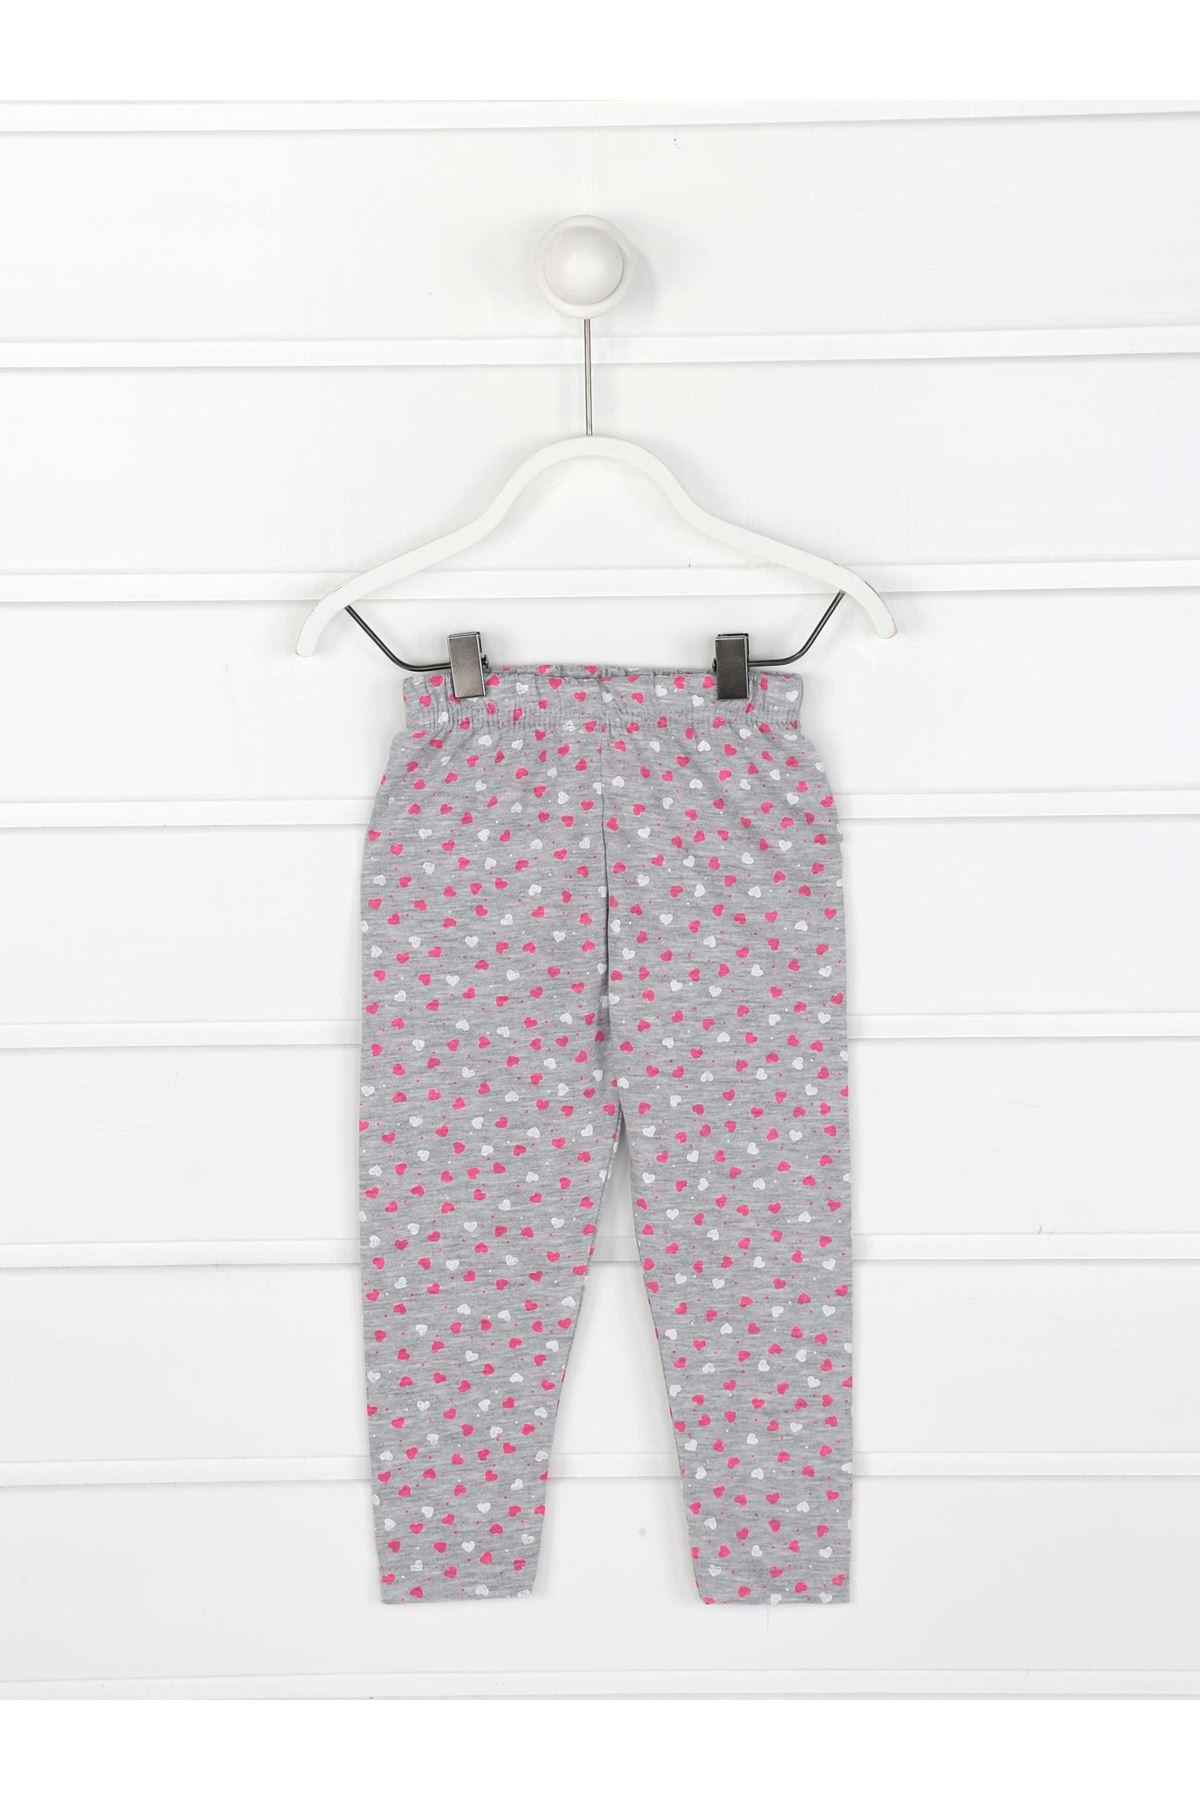 Gray Female Child Pattern Leggings